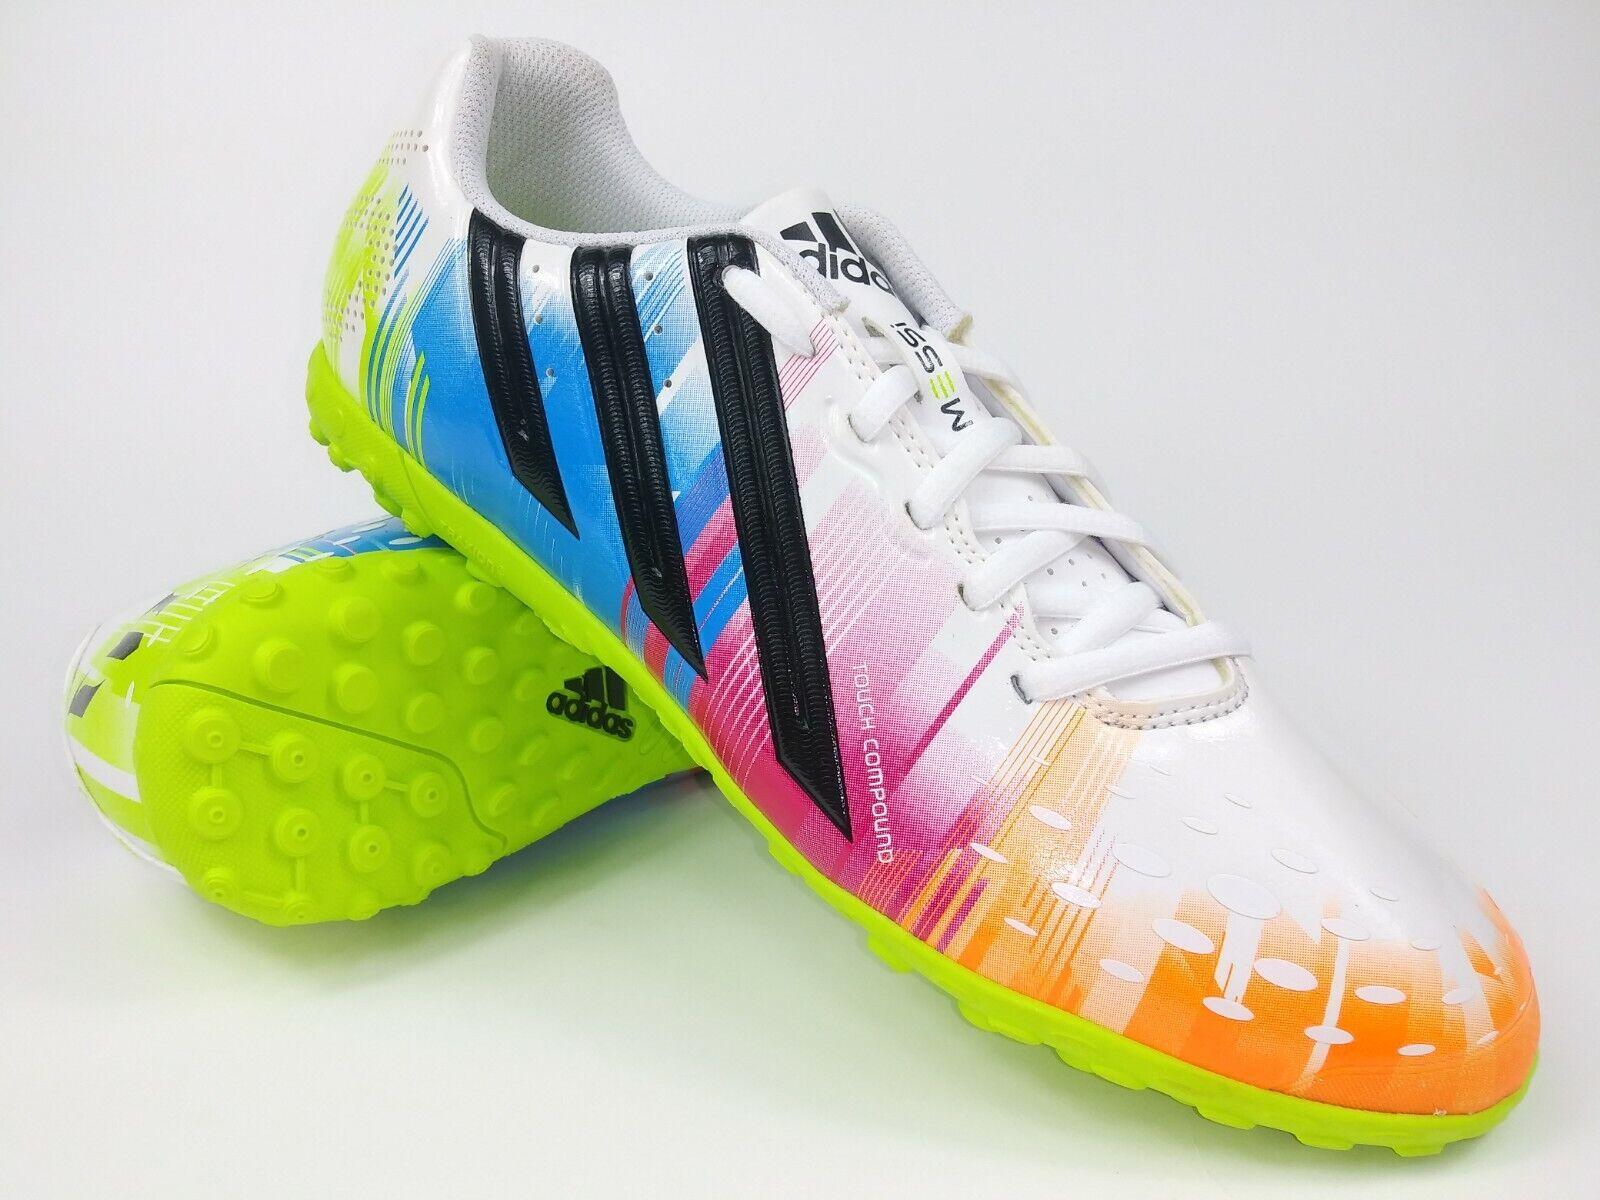 Adidas de Hombre Raro Ff X-Ite (Messi) D67200 Azul blancoo Turf Soccer Zapatos